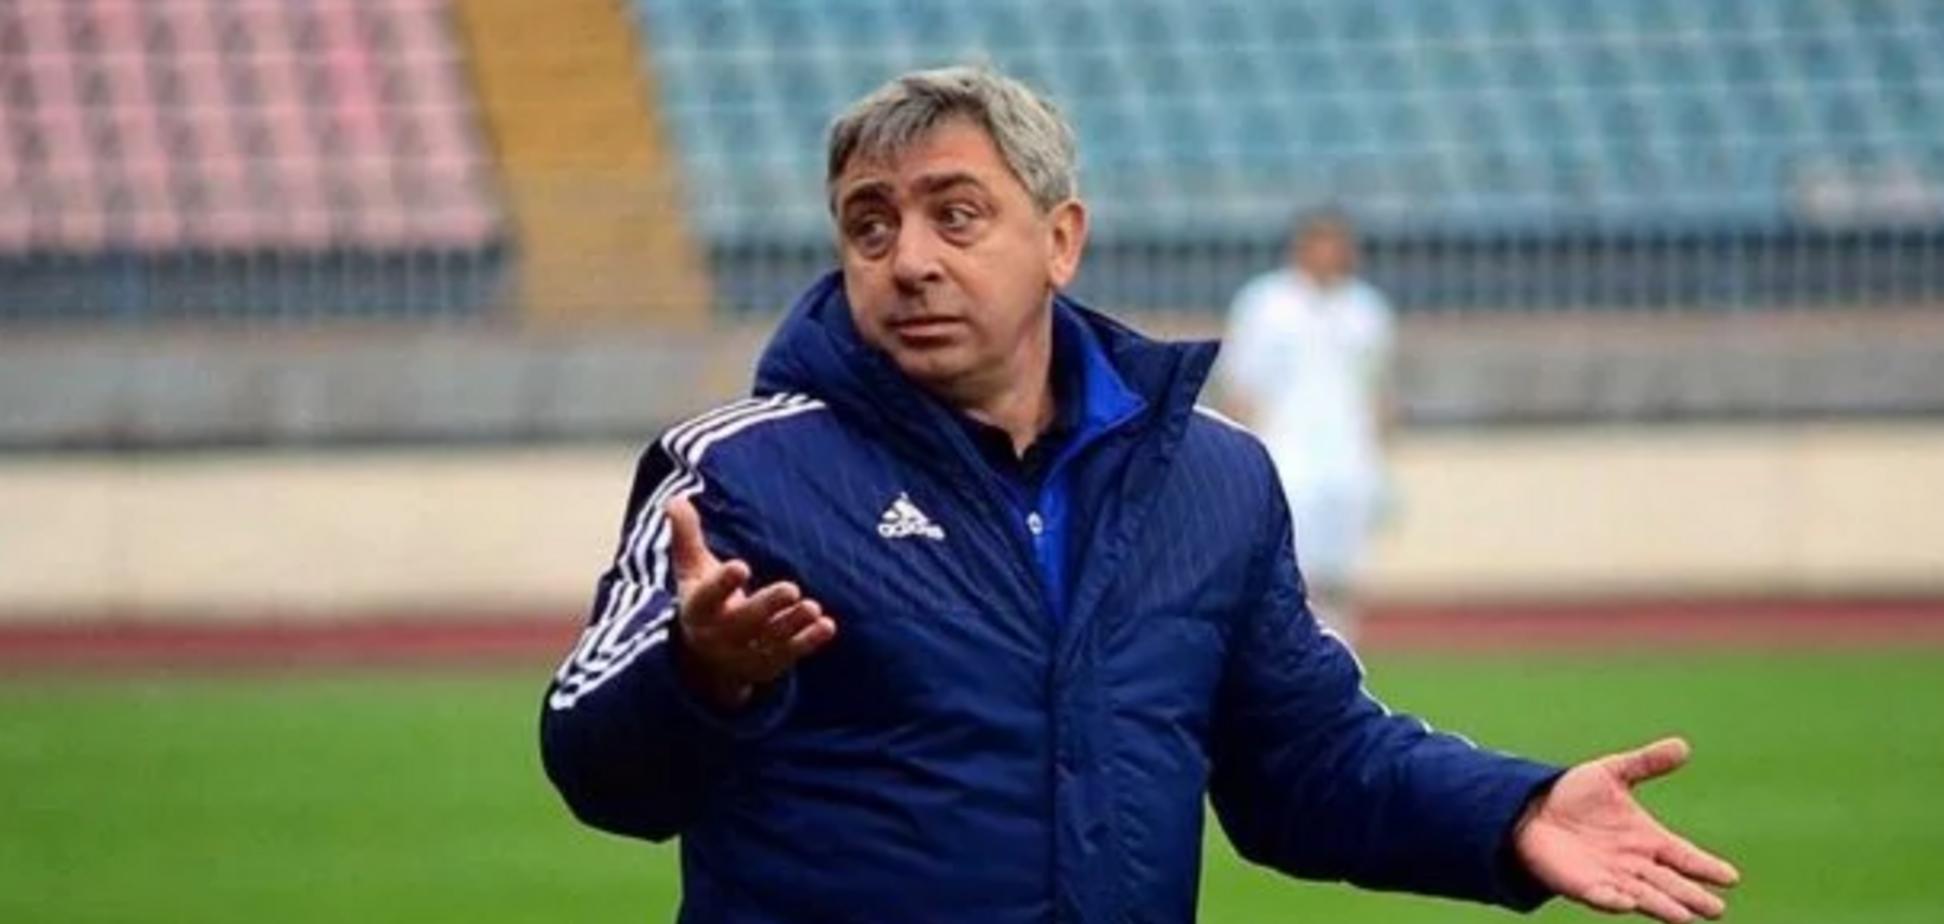 Впервые в истории: украинского тренера выгонят из футбола за договорные матчи